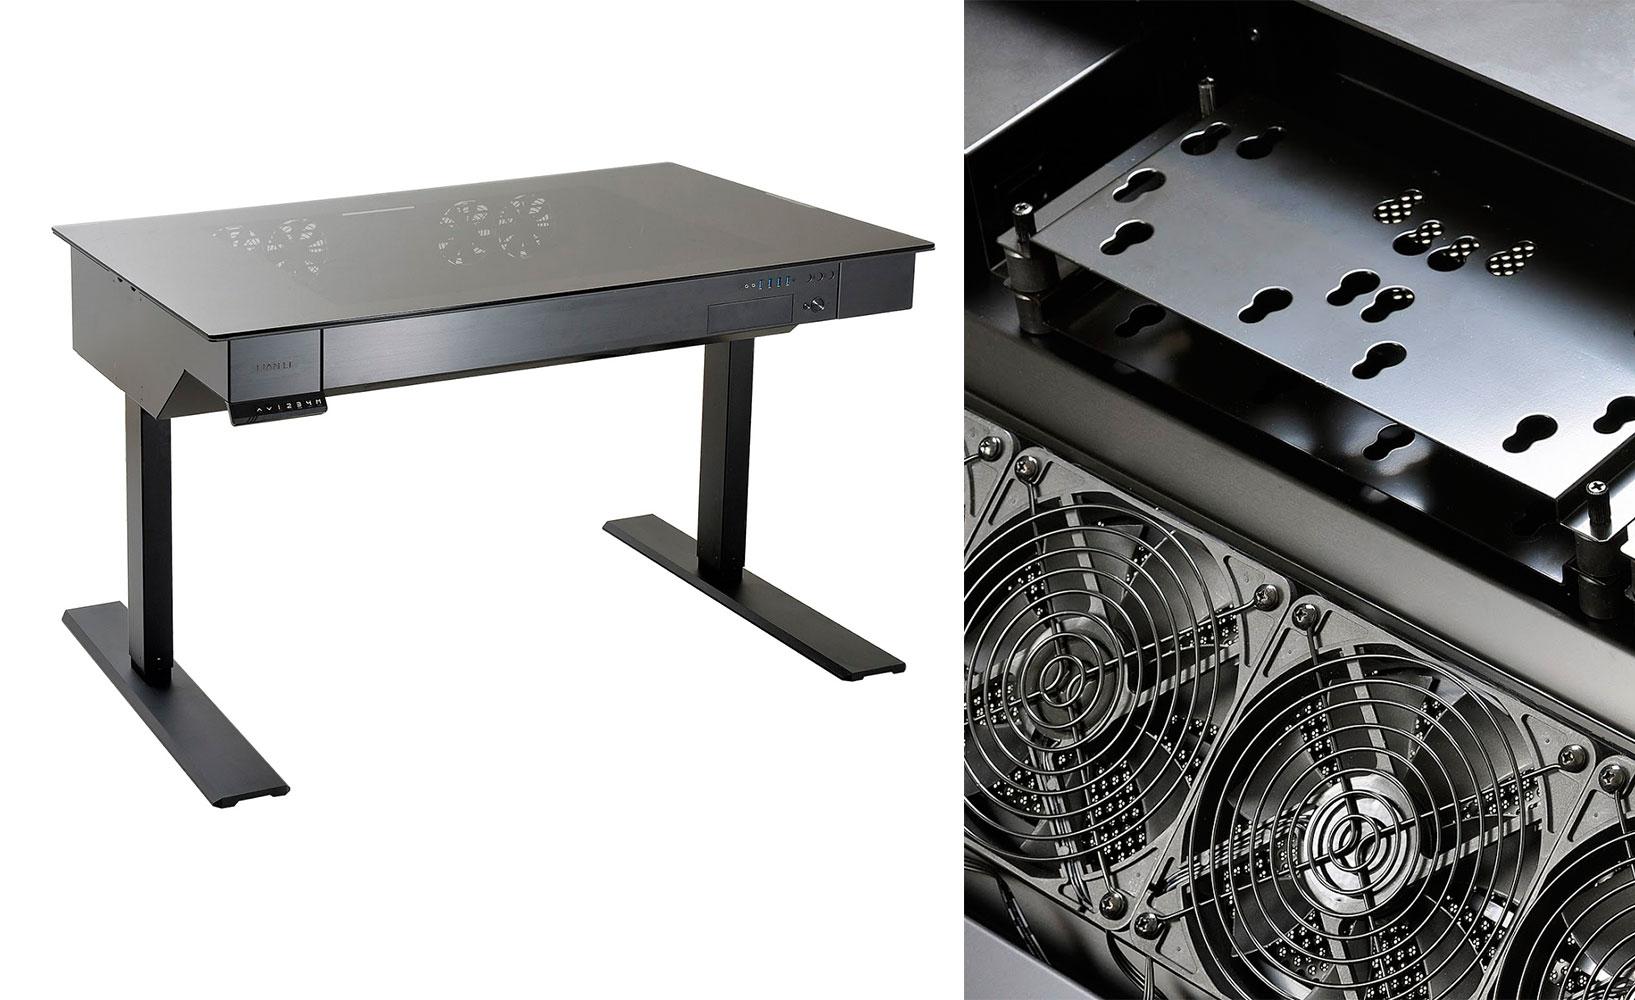 Computertisch Lian Li DK-04